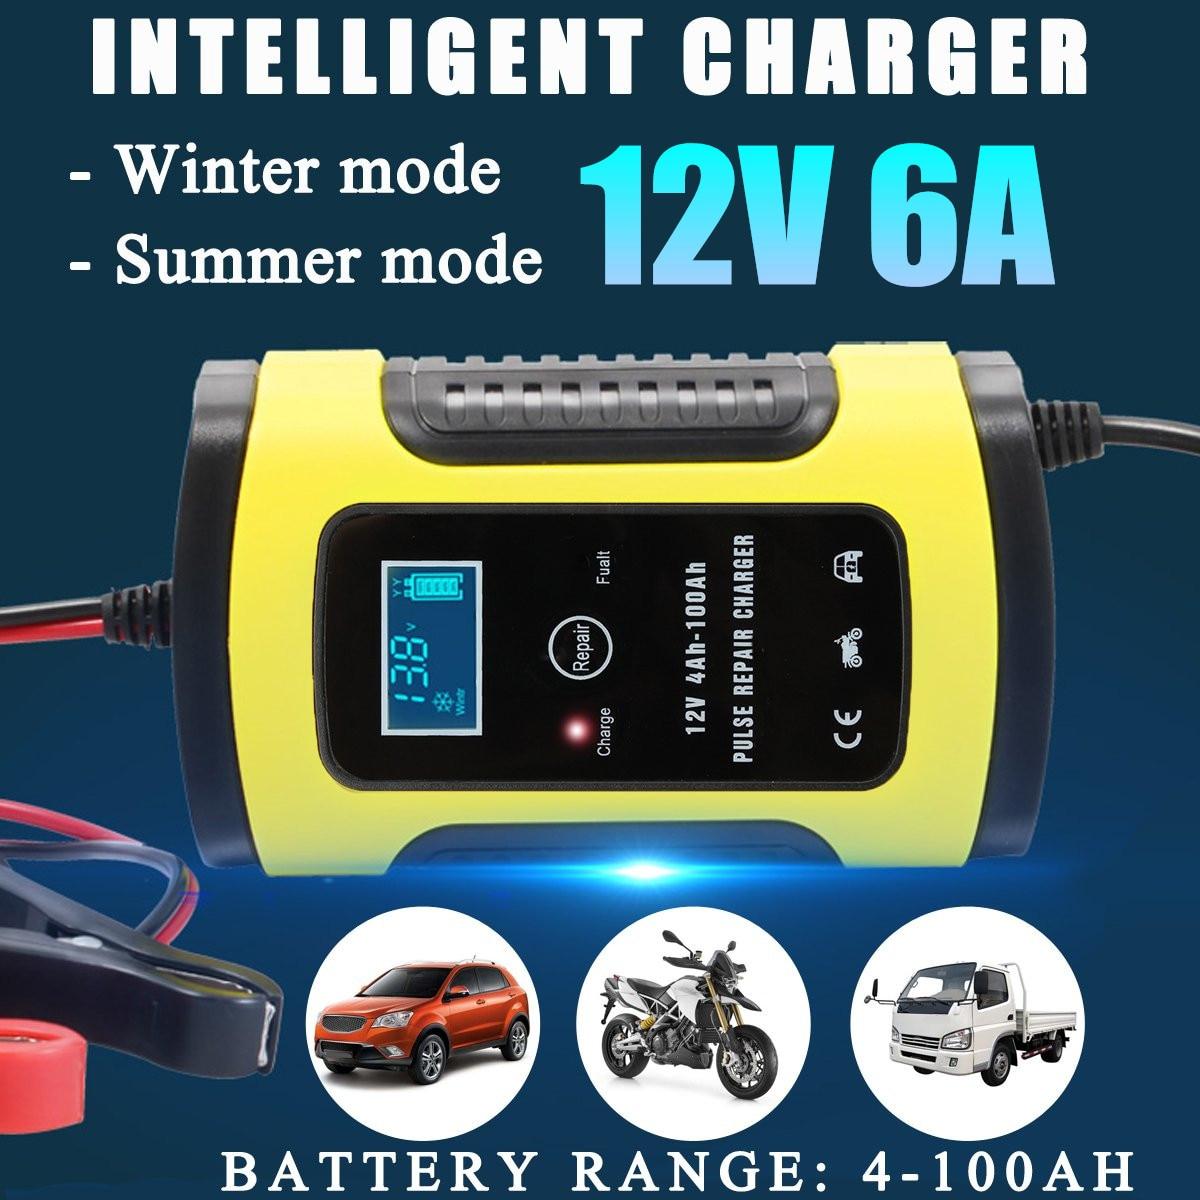 12В 6А Ремонт ЖК-батарея зарядное устройство умный быстрый для автомобиля мотоцикла ремонт Тип свинцово-кислотная батарея Agm гель влажные ба...